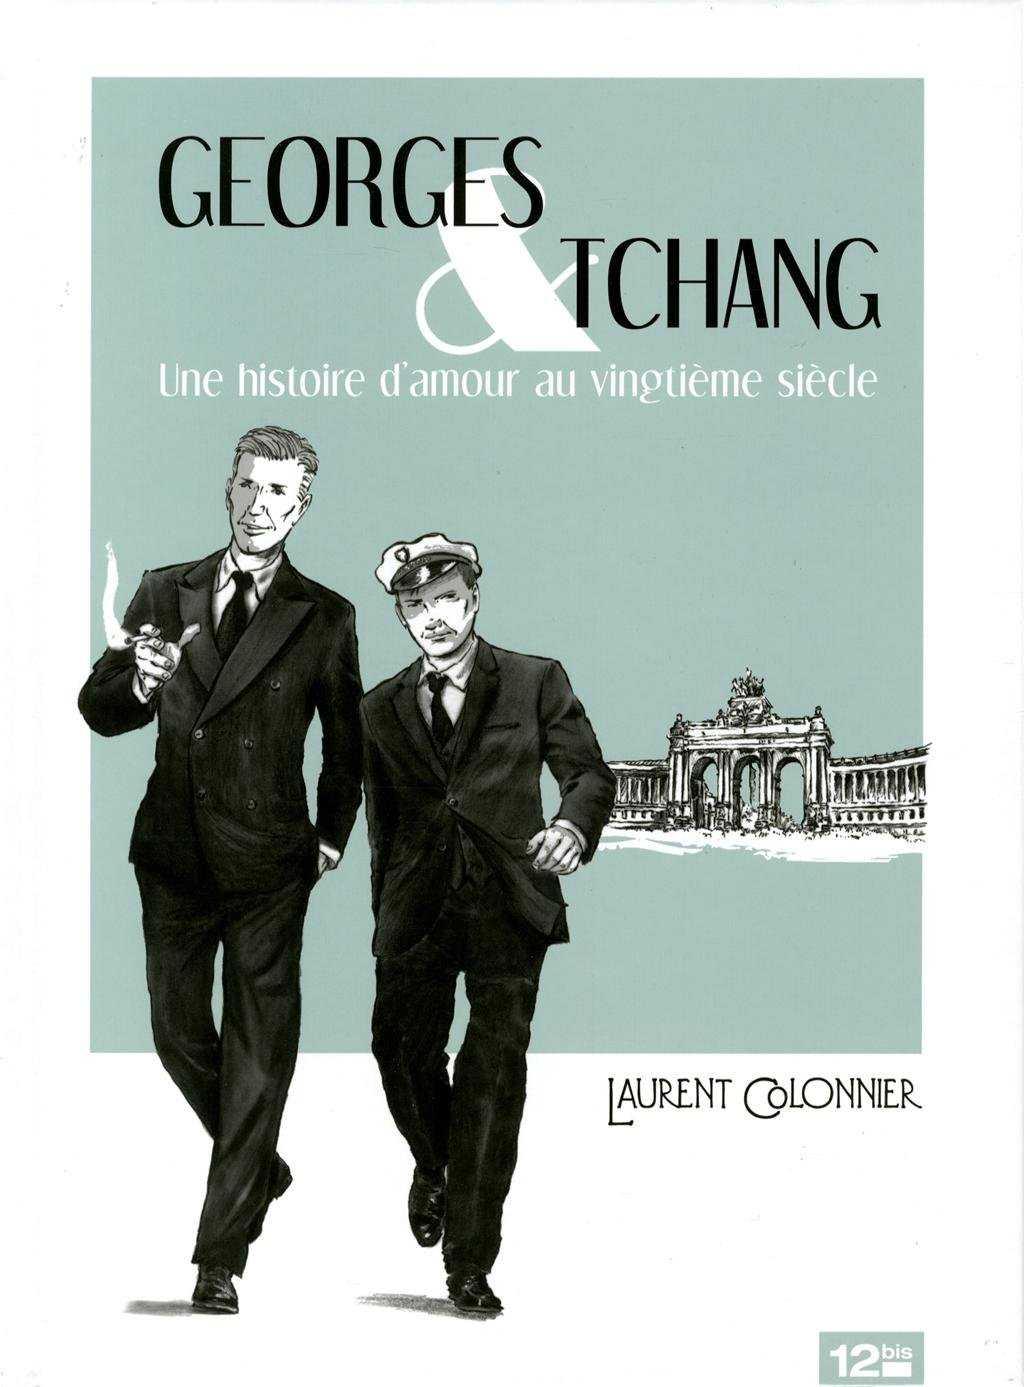 Georges et Tchang, ou l'histoire des débuts de la ligne claire ?